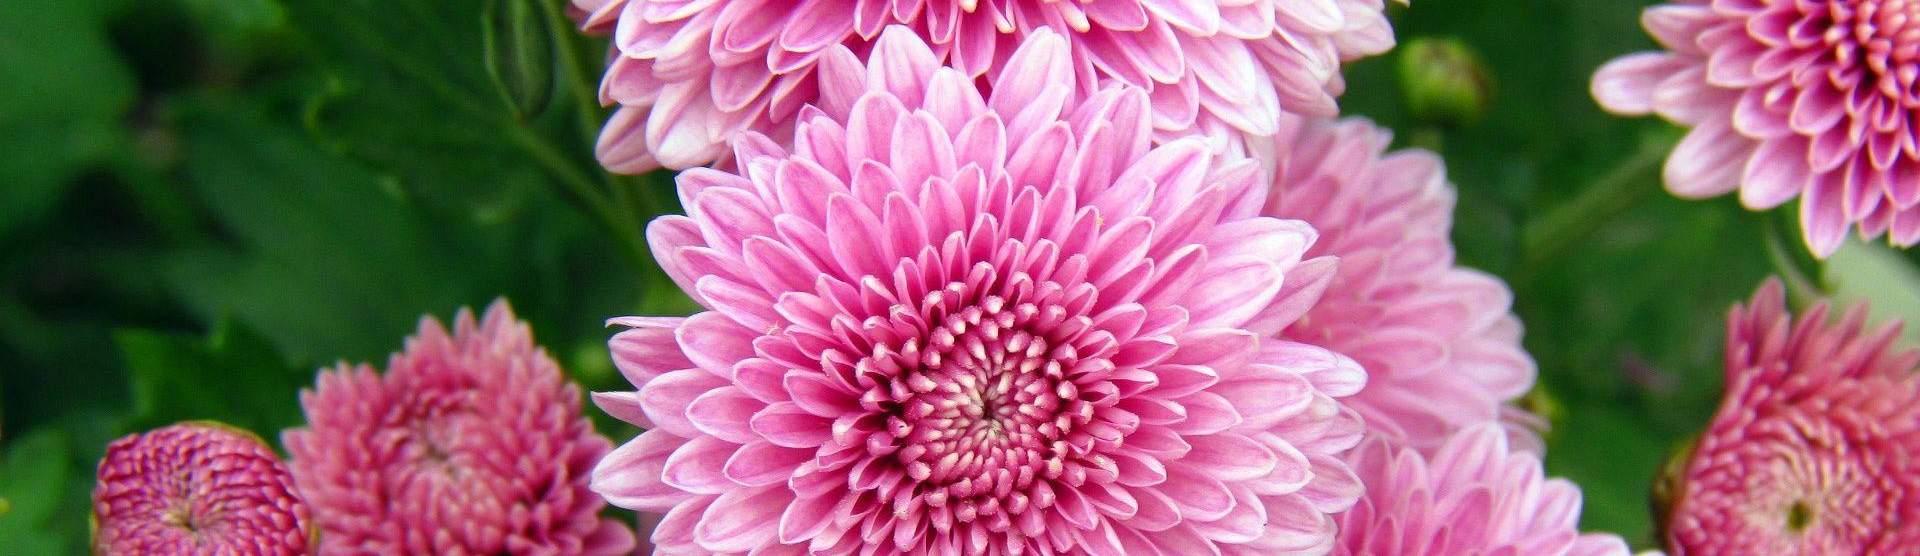 Выращиваем цветы для вас